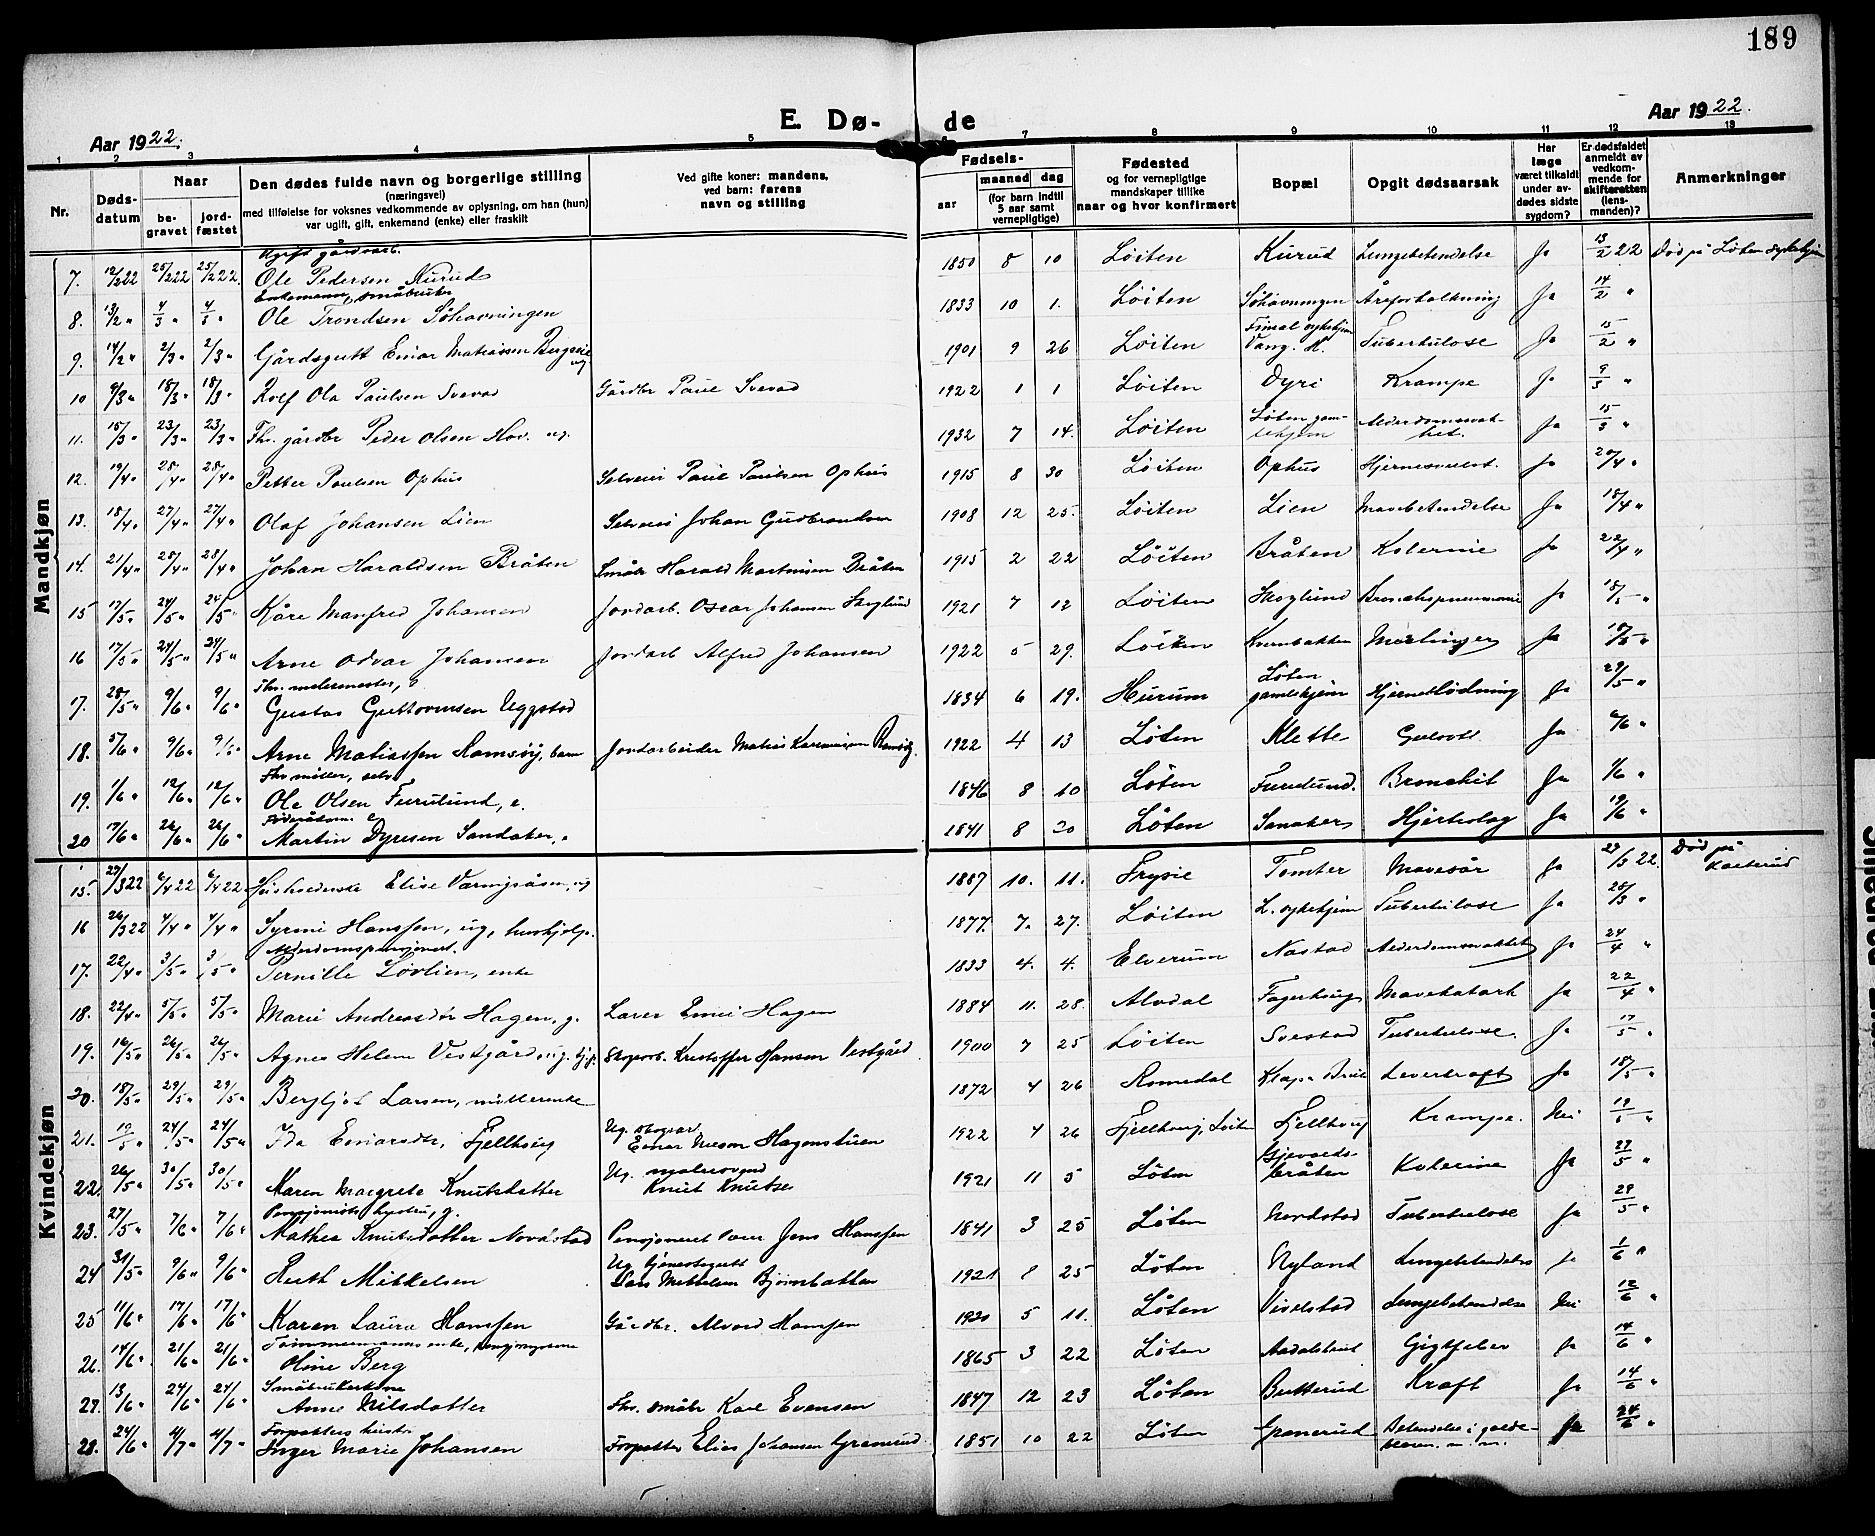 SAH, Løten prestekontor, L/La/L0008: Klokkerbok nr. 8, 1920-1929, s. 189